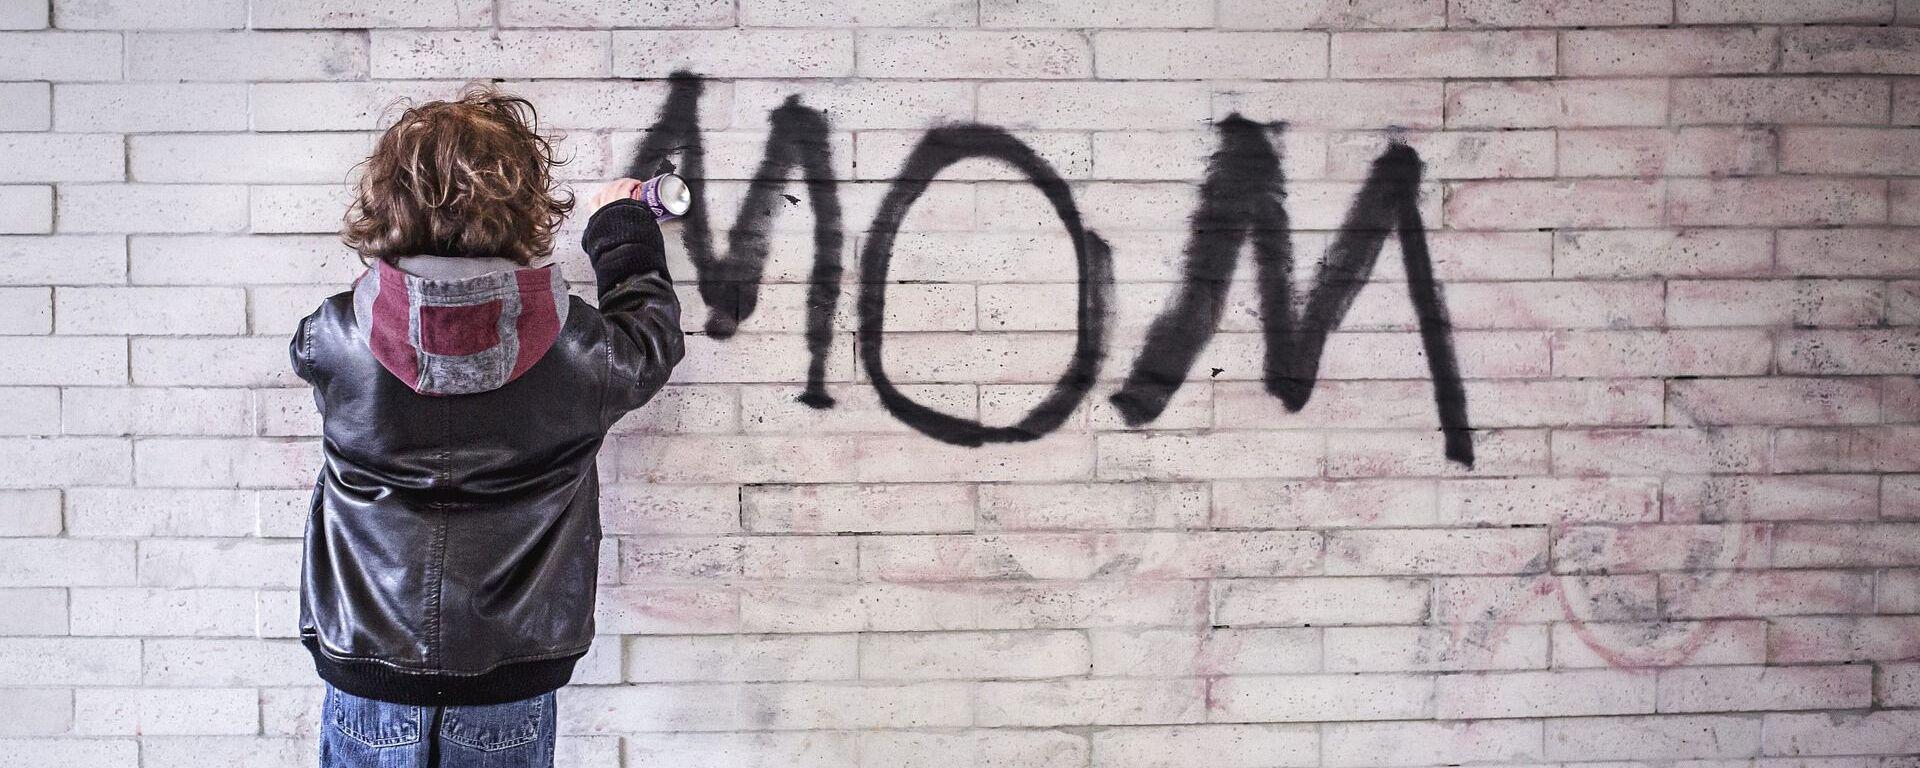 """პატარა ბიჭუნა კედელზე წერს სიტყვას """"დედა"""" - Sputnik საქართველო, 1920, 01.07.2021"""